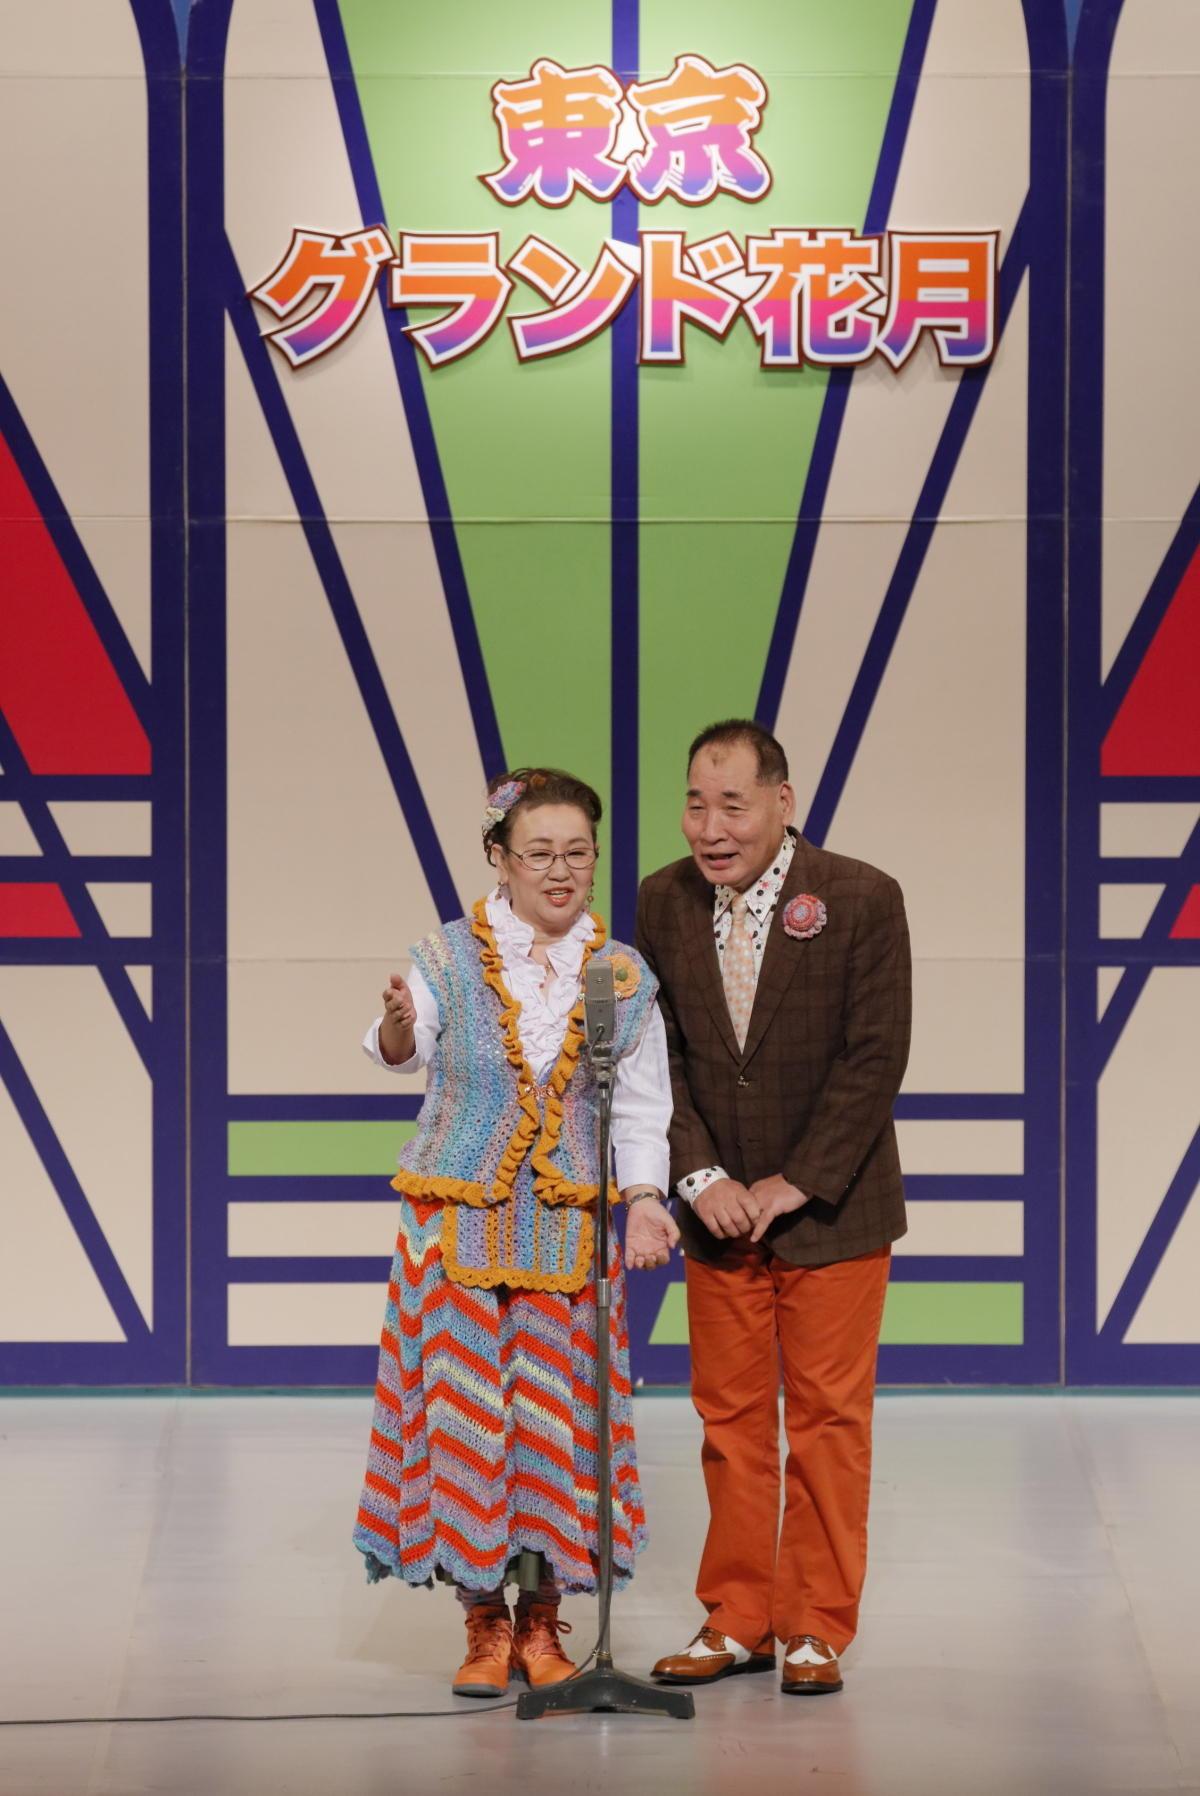 http://news.yoshimoto.co.jp/20180311221257-48e9aa7d86f749ae32d2f1392b0578c5b2823859.jpg